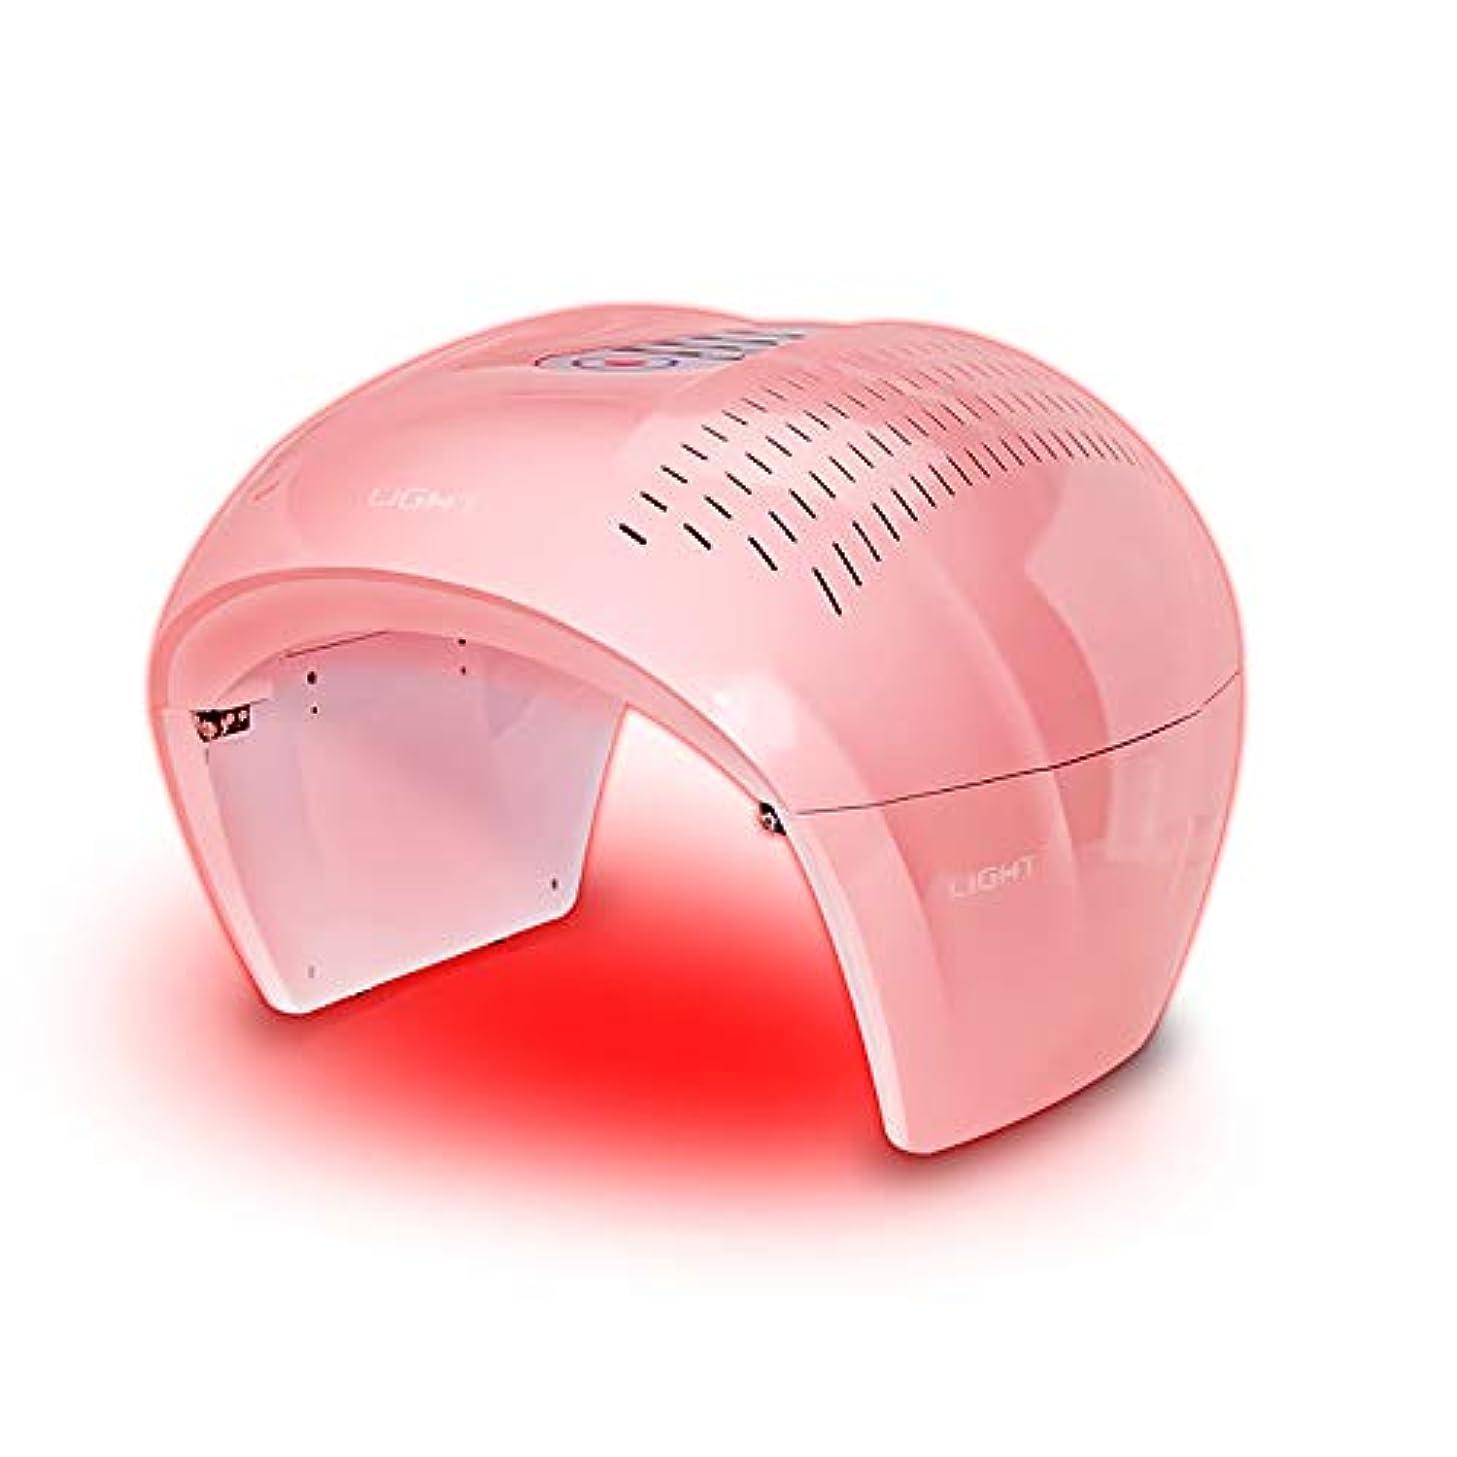 白菜爆発物ホイップフェイシャルスキンケアマスク、7色LEDマスクフォトンライトスキンリジュビネーションセラピーフェイシャルスキンケアマスク(ピンク)